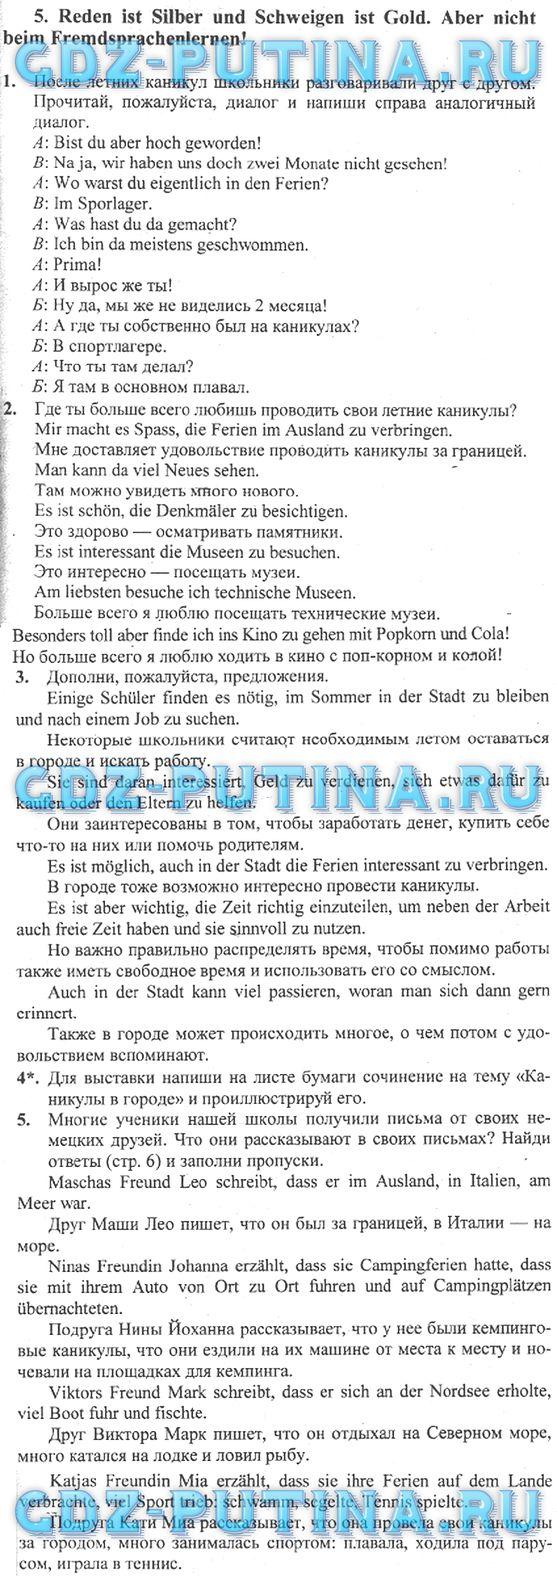 Контрольные работы по немецкому языку 8 класс